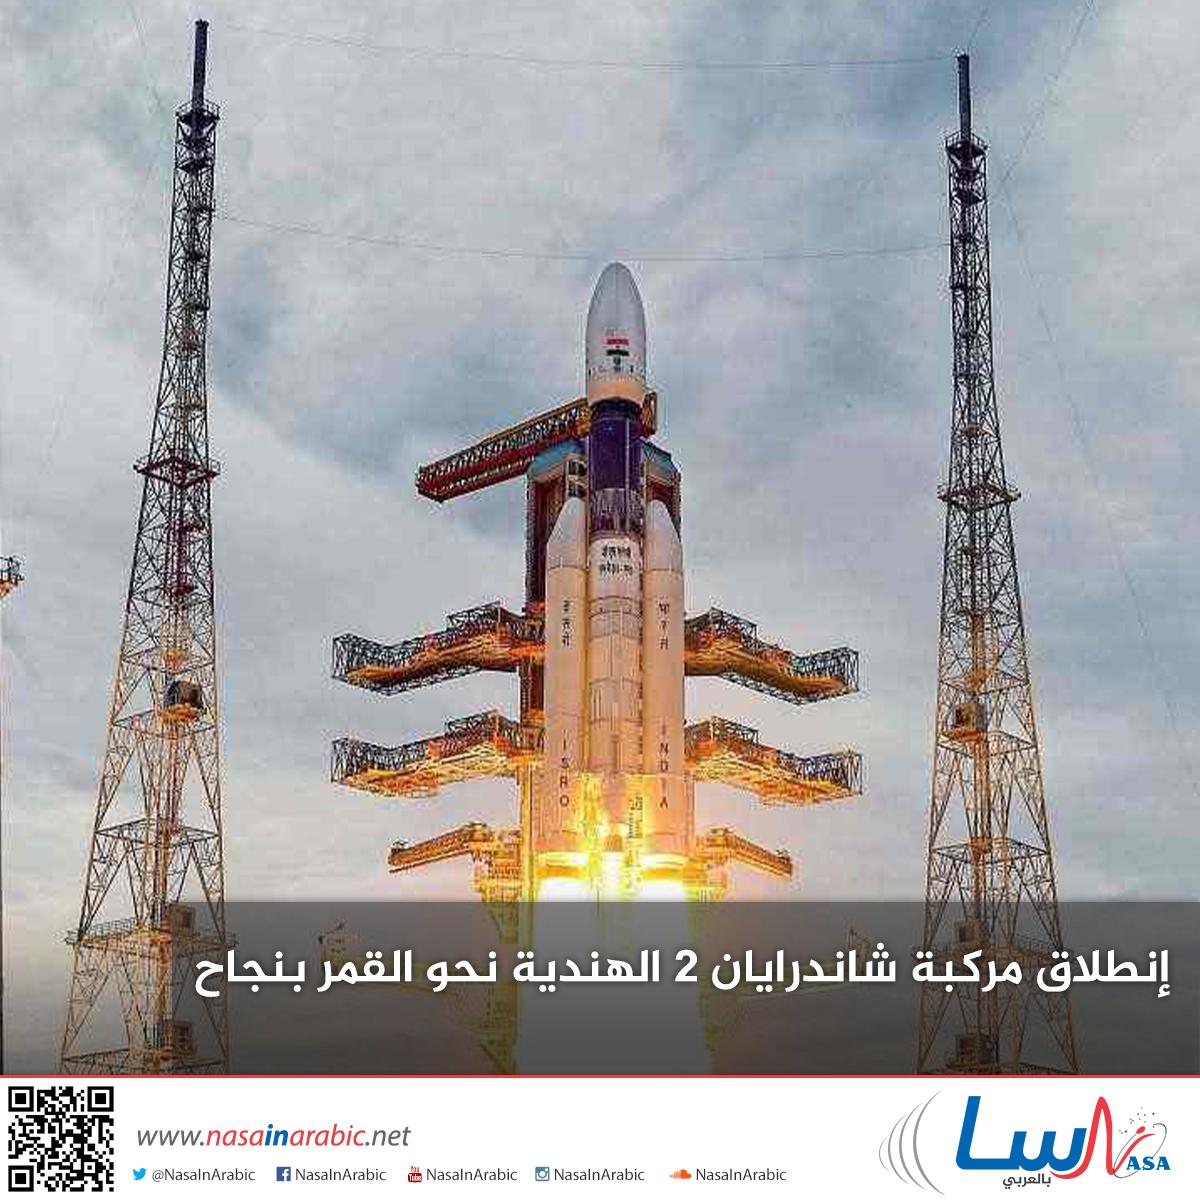 إنطلاق مركبة شاندرايان 2 الهندية نحو القمر بنجاح